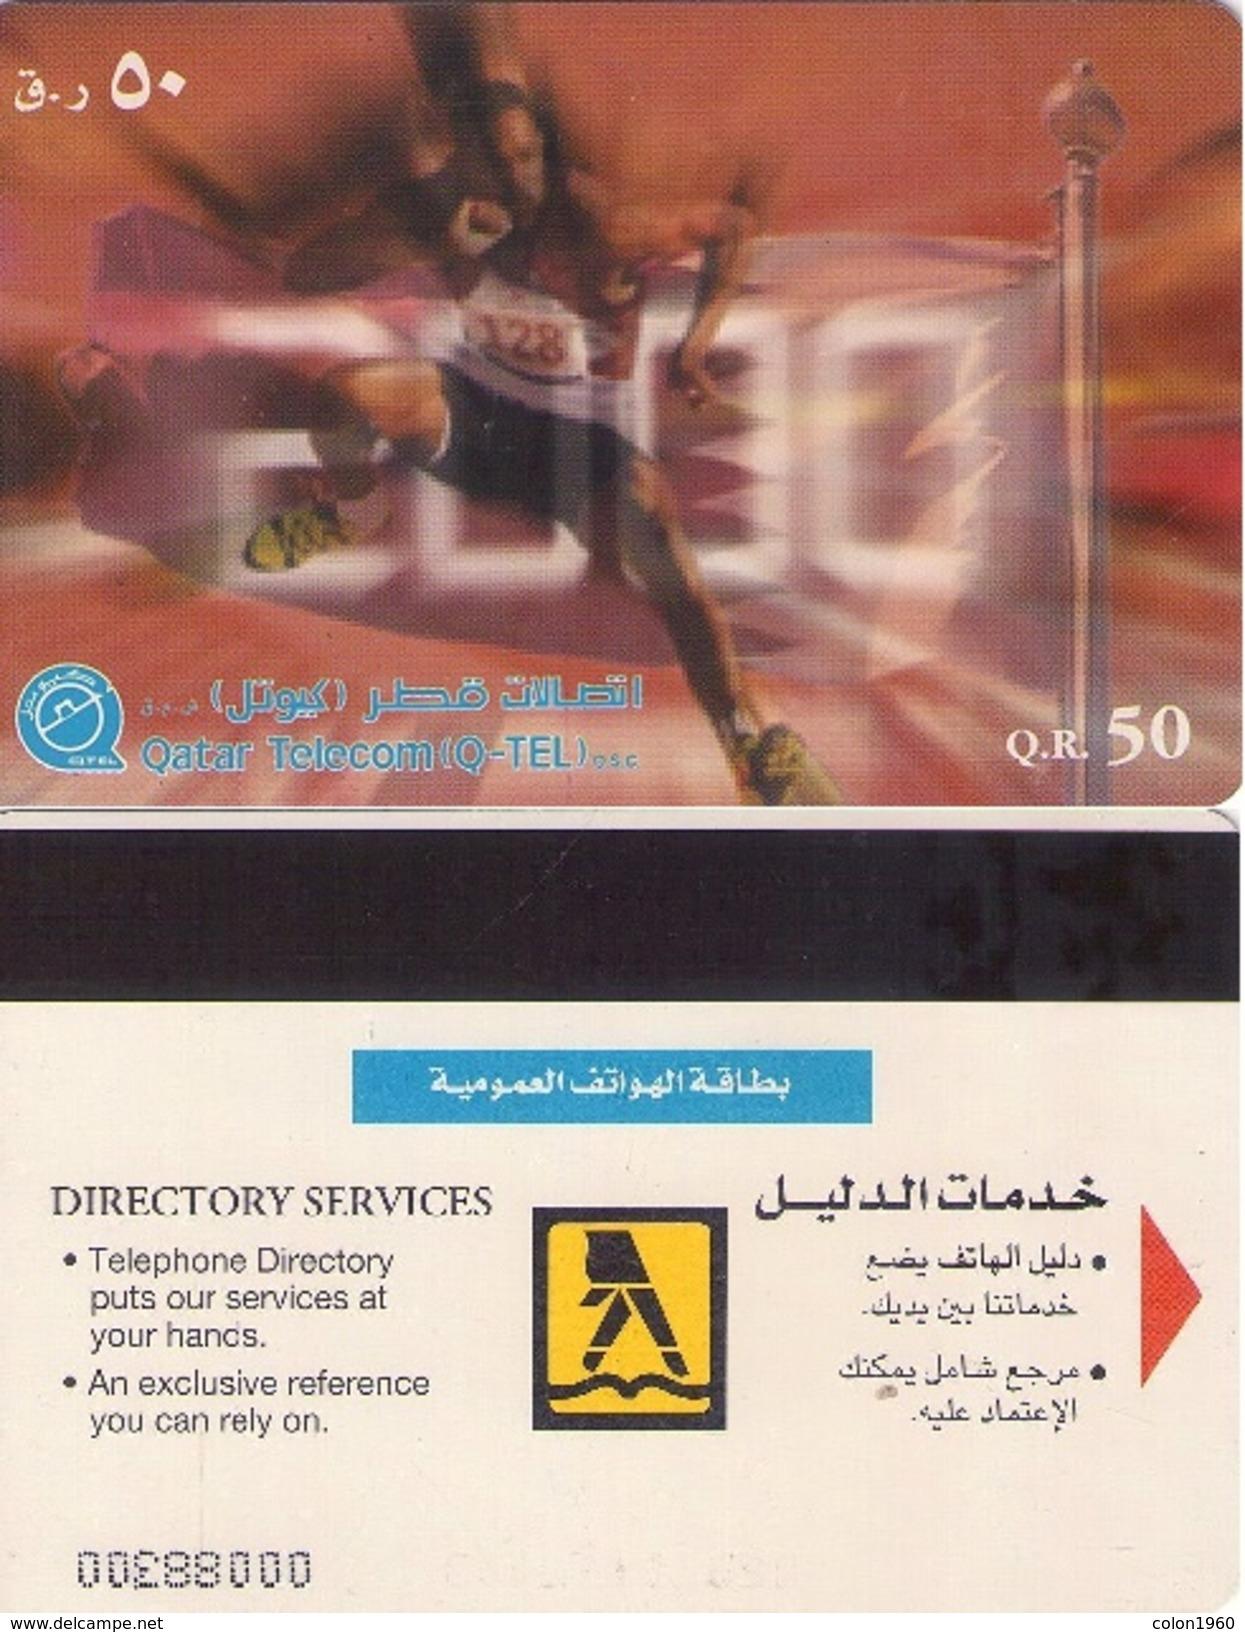 TARJETA TELEFONICA DE QATAR. (533) - Qatar